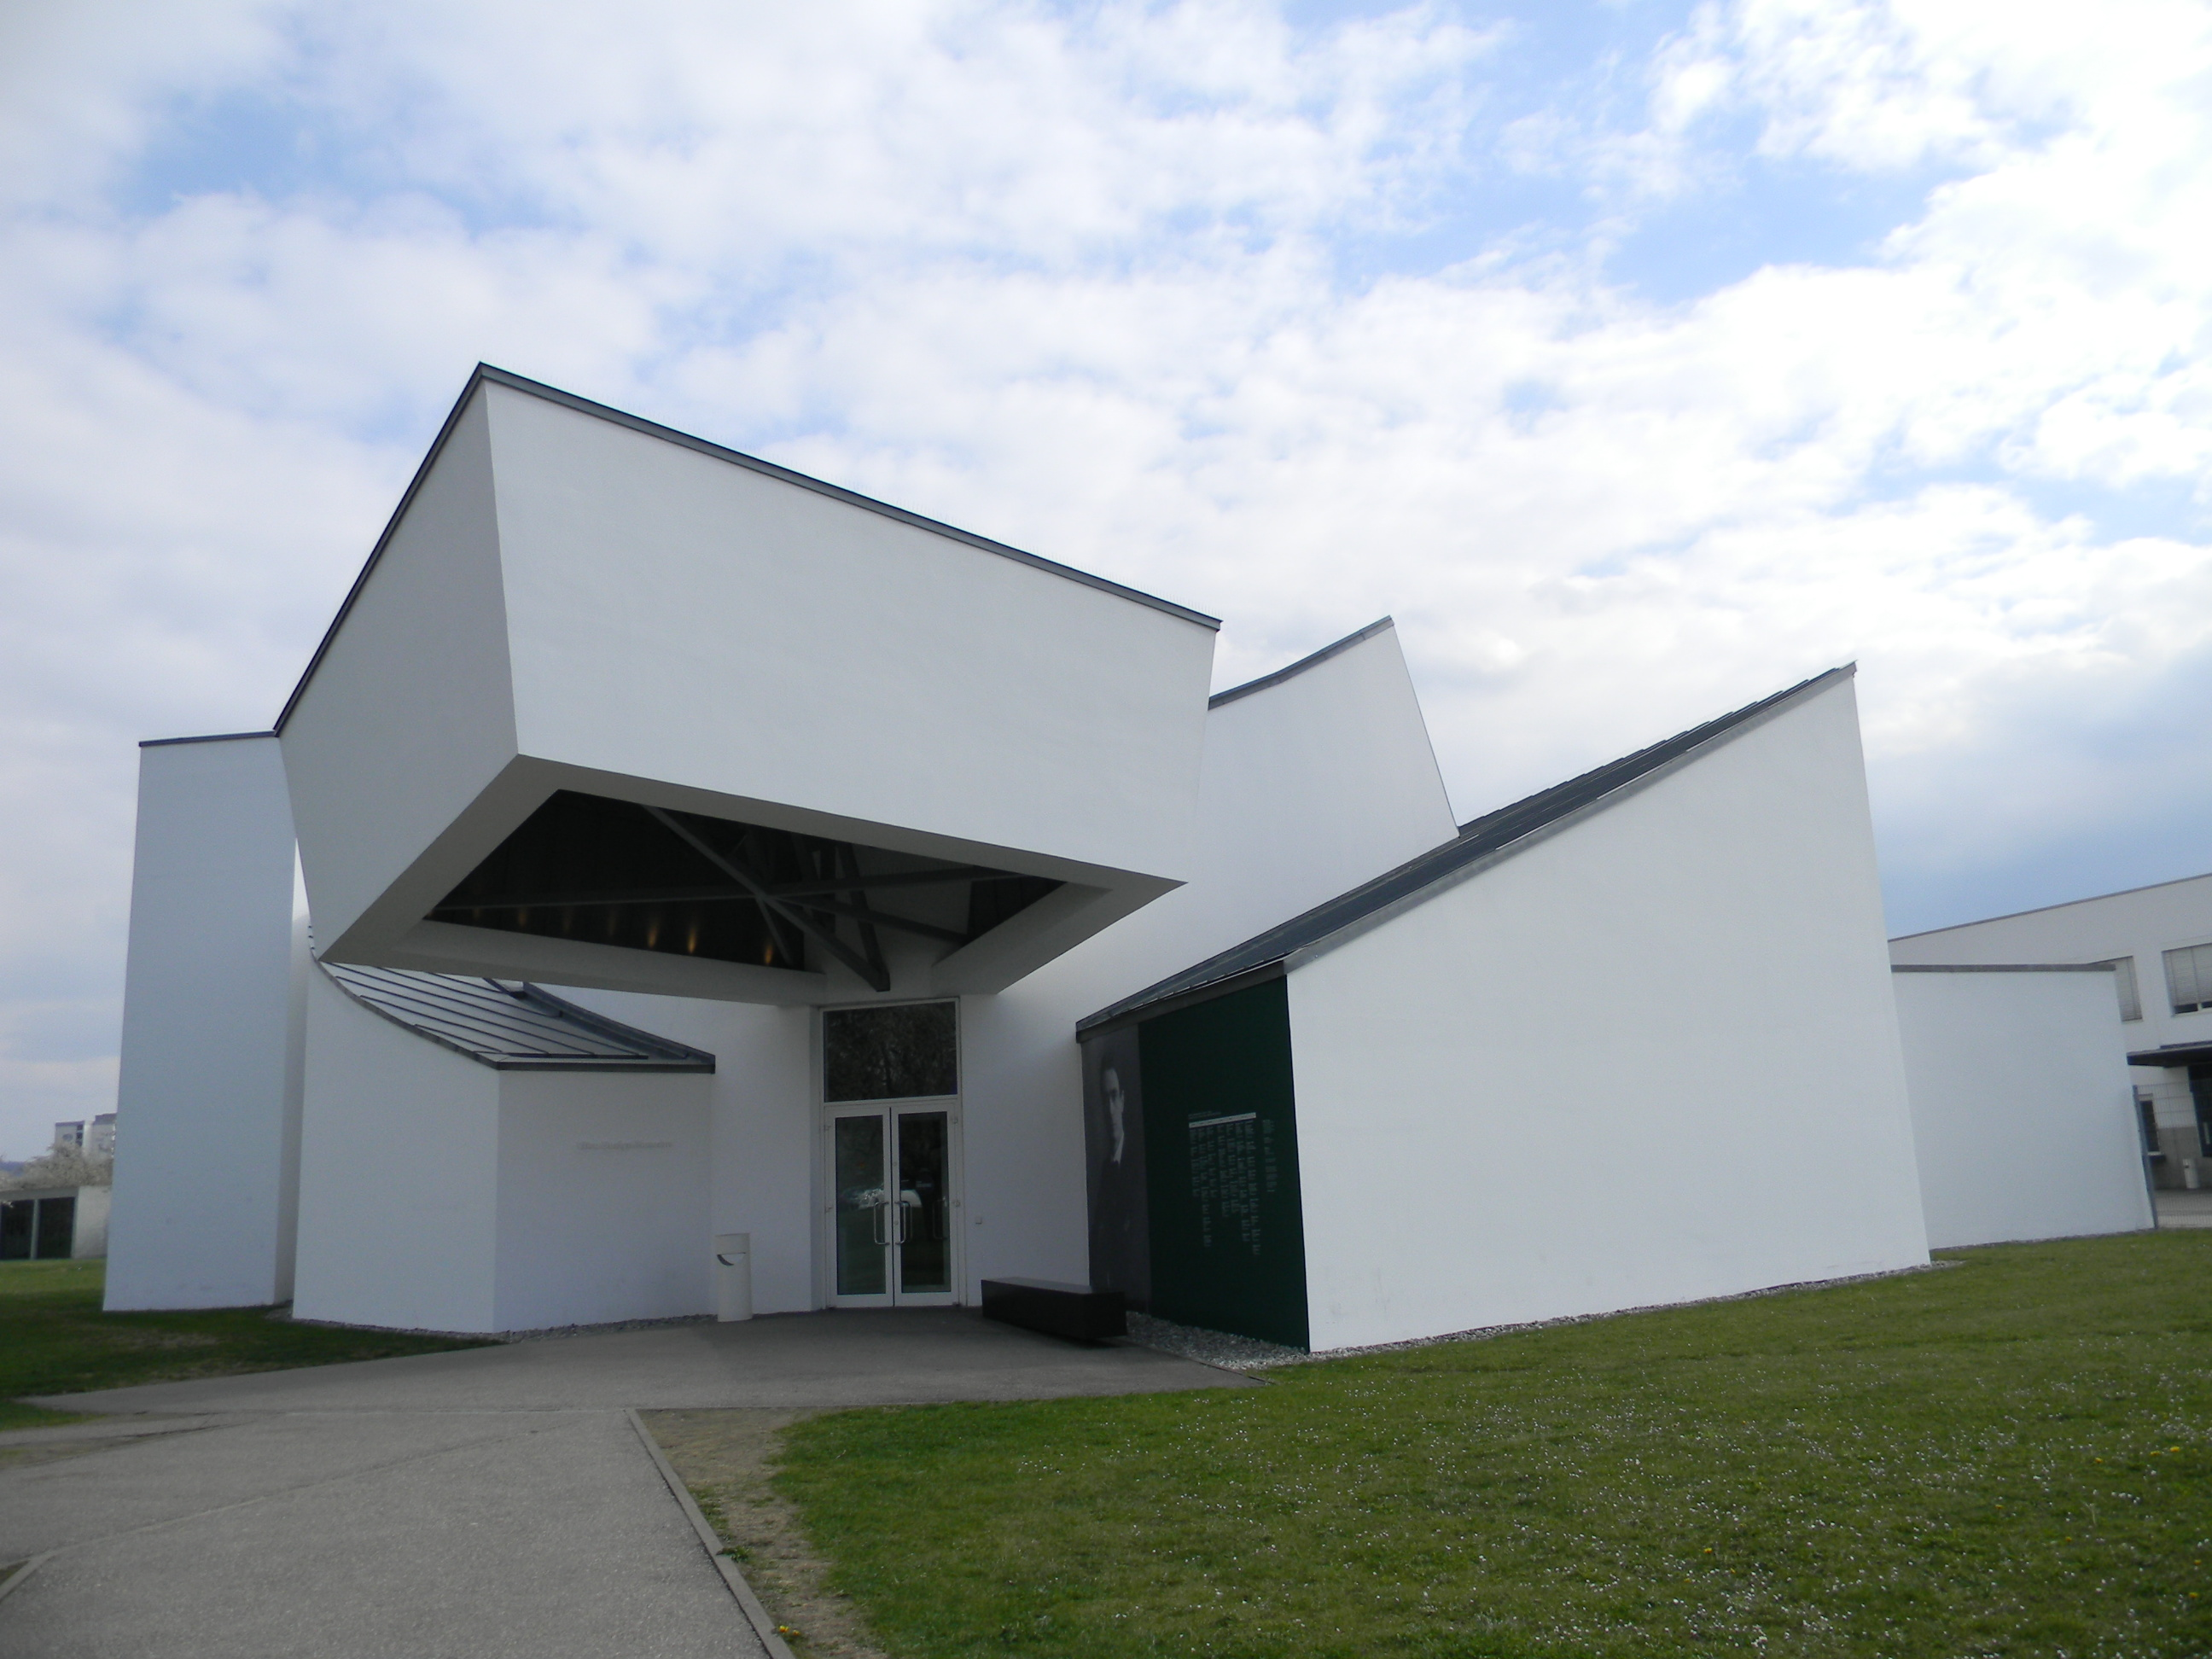 Lo stupore dell architettura di basilea pensare camminando for Architetti famosi moderni